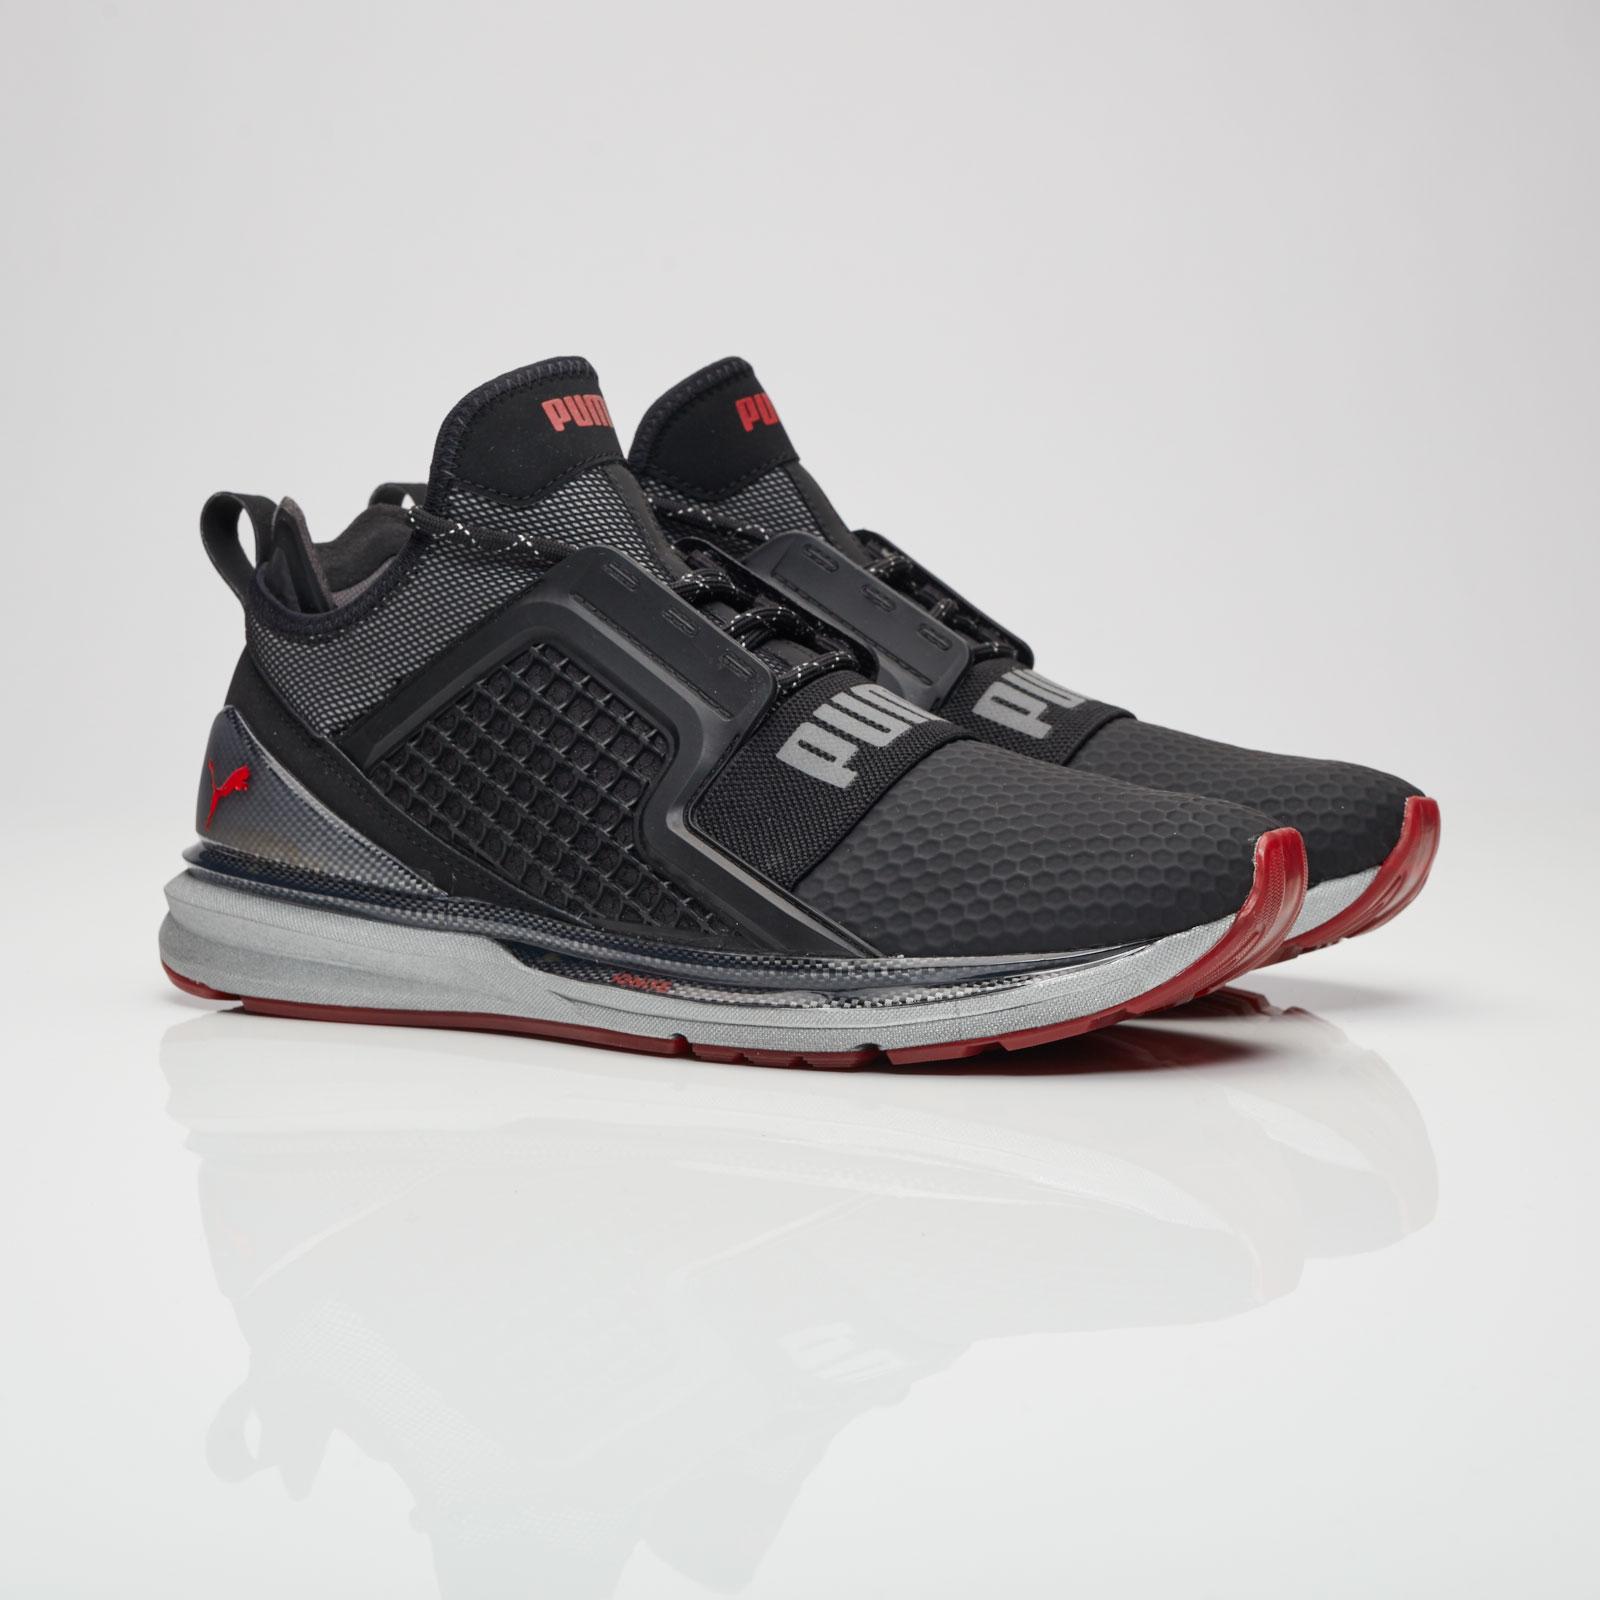 c3f3d8c10f7 Puma Ignite Limitless Hi-Tech - 190155-01 - Sneakersnstuff ...